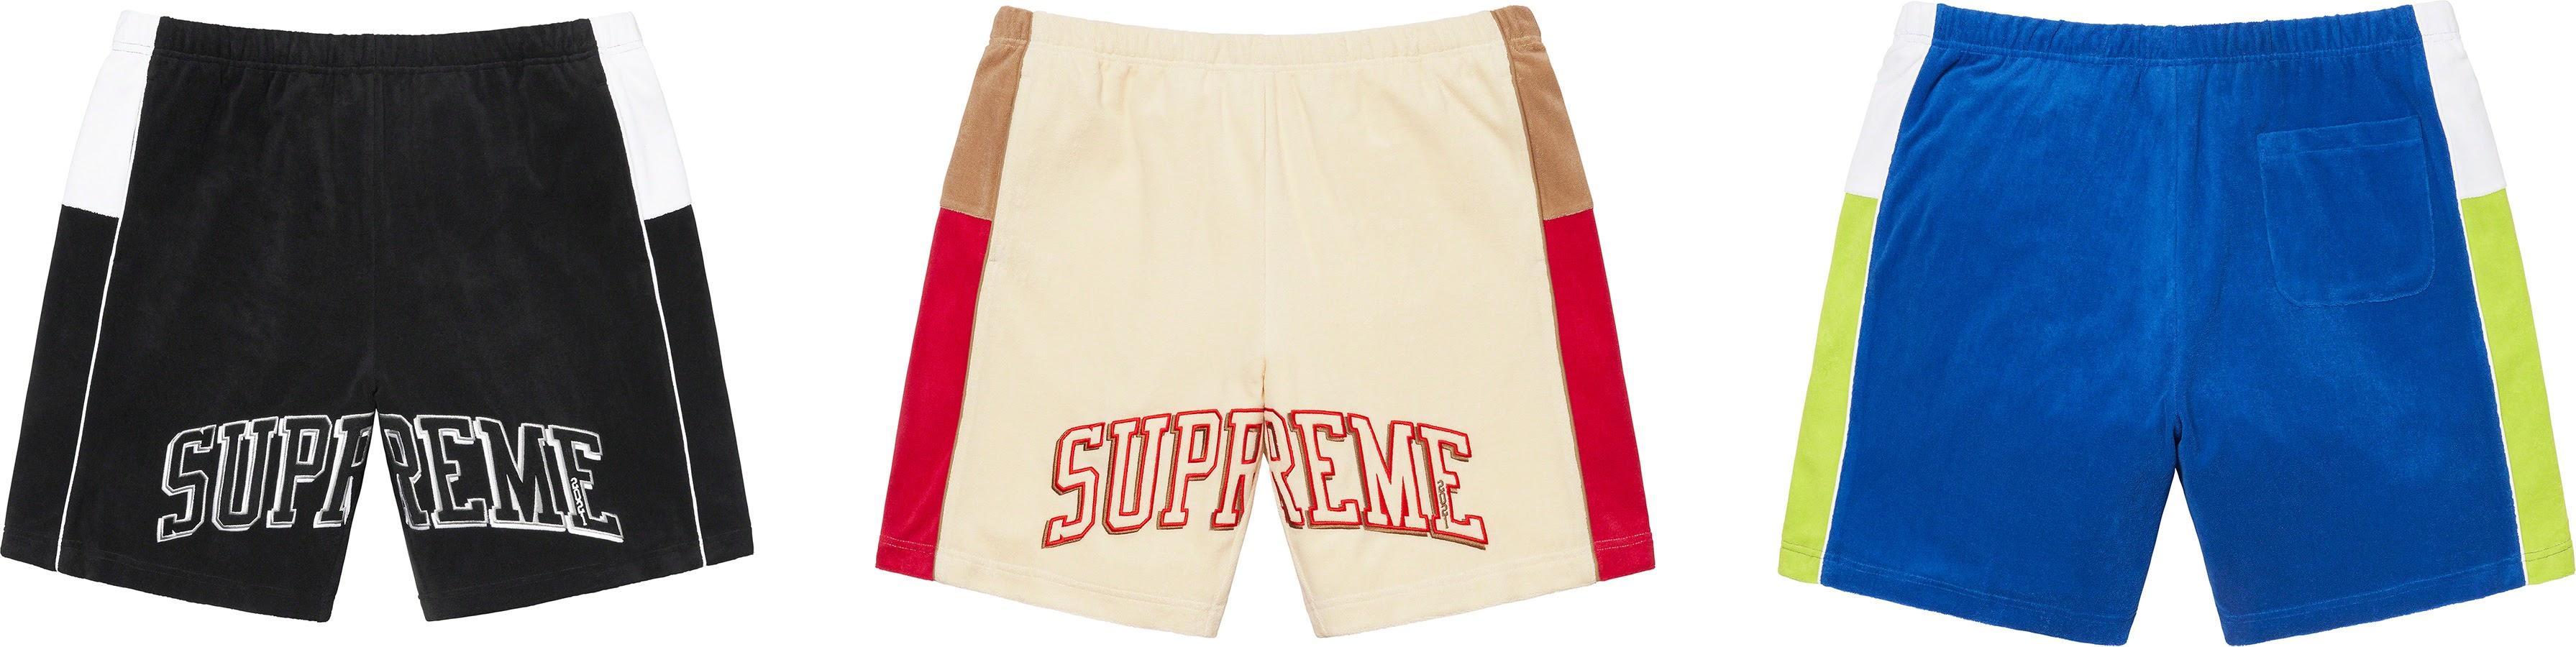 シュプリーム 2021年 春夏 新作 パンツ ショーツ Supreme 2021ss pants shorts 一覧 Terry Basketball Short